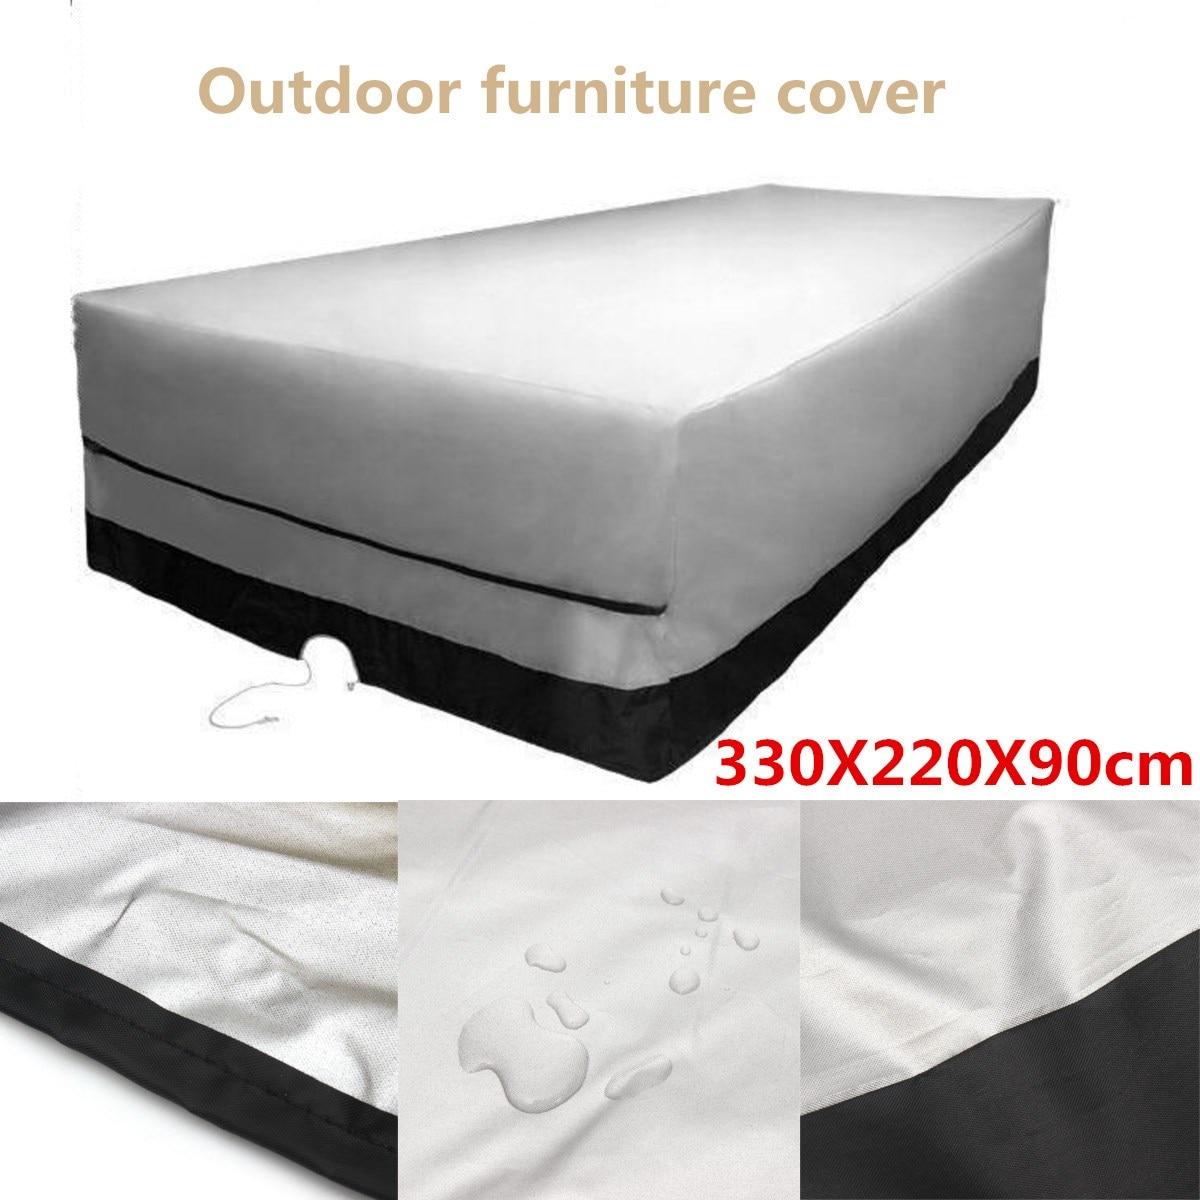 Waterproof Outdoor Garden Furniture Cover 330x220x90cm